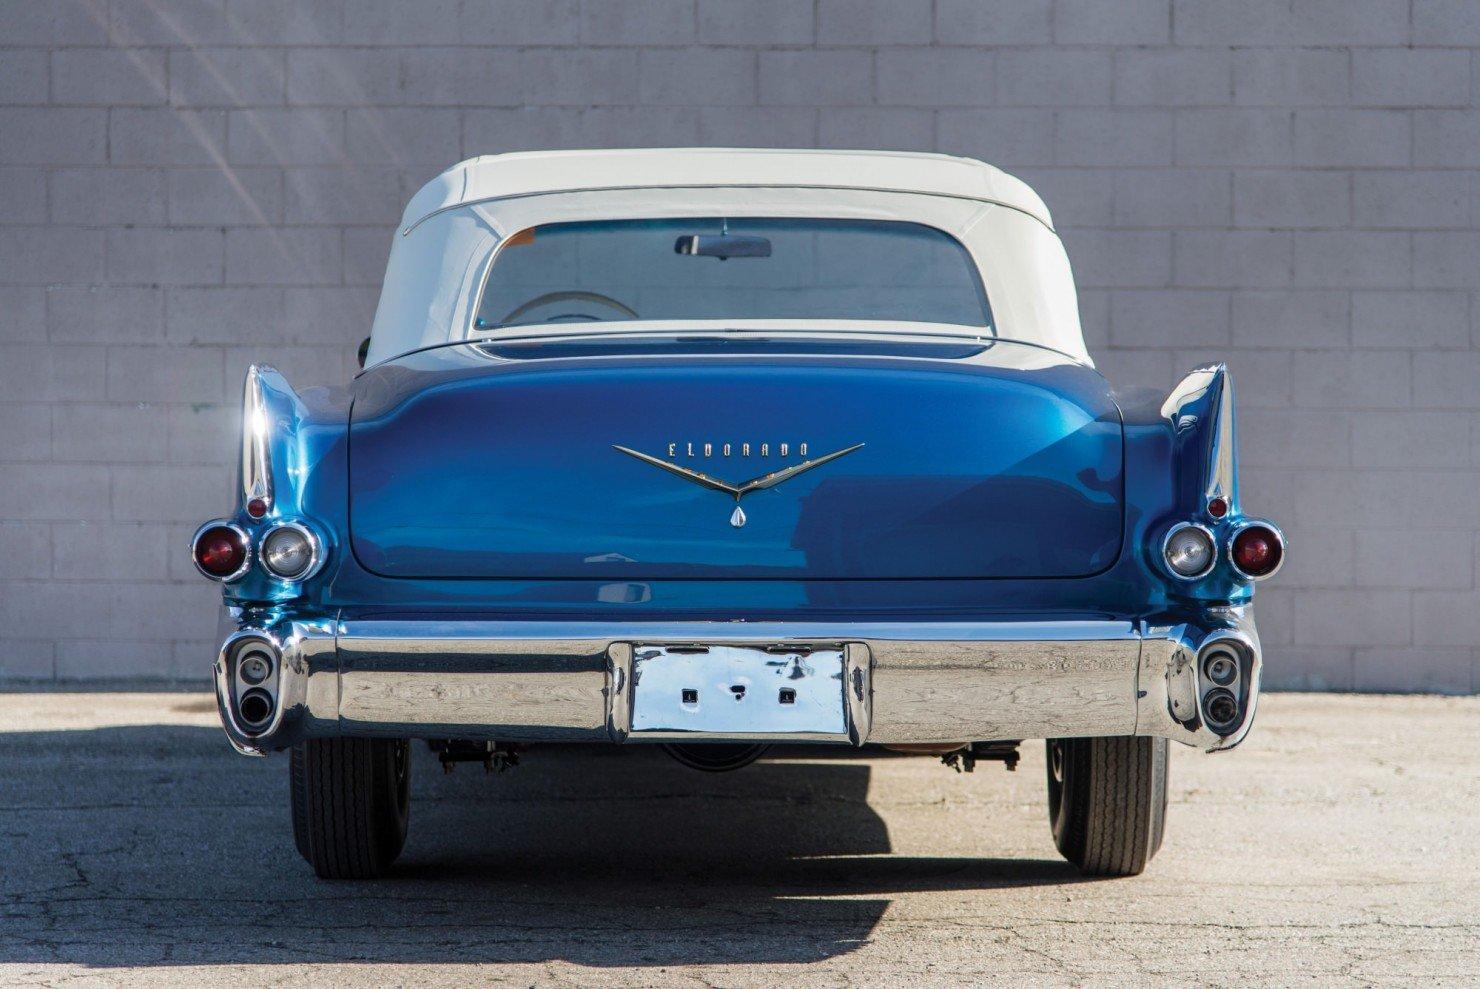 Cadillac-Eldorado-Car-21